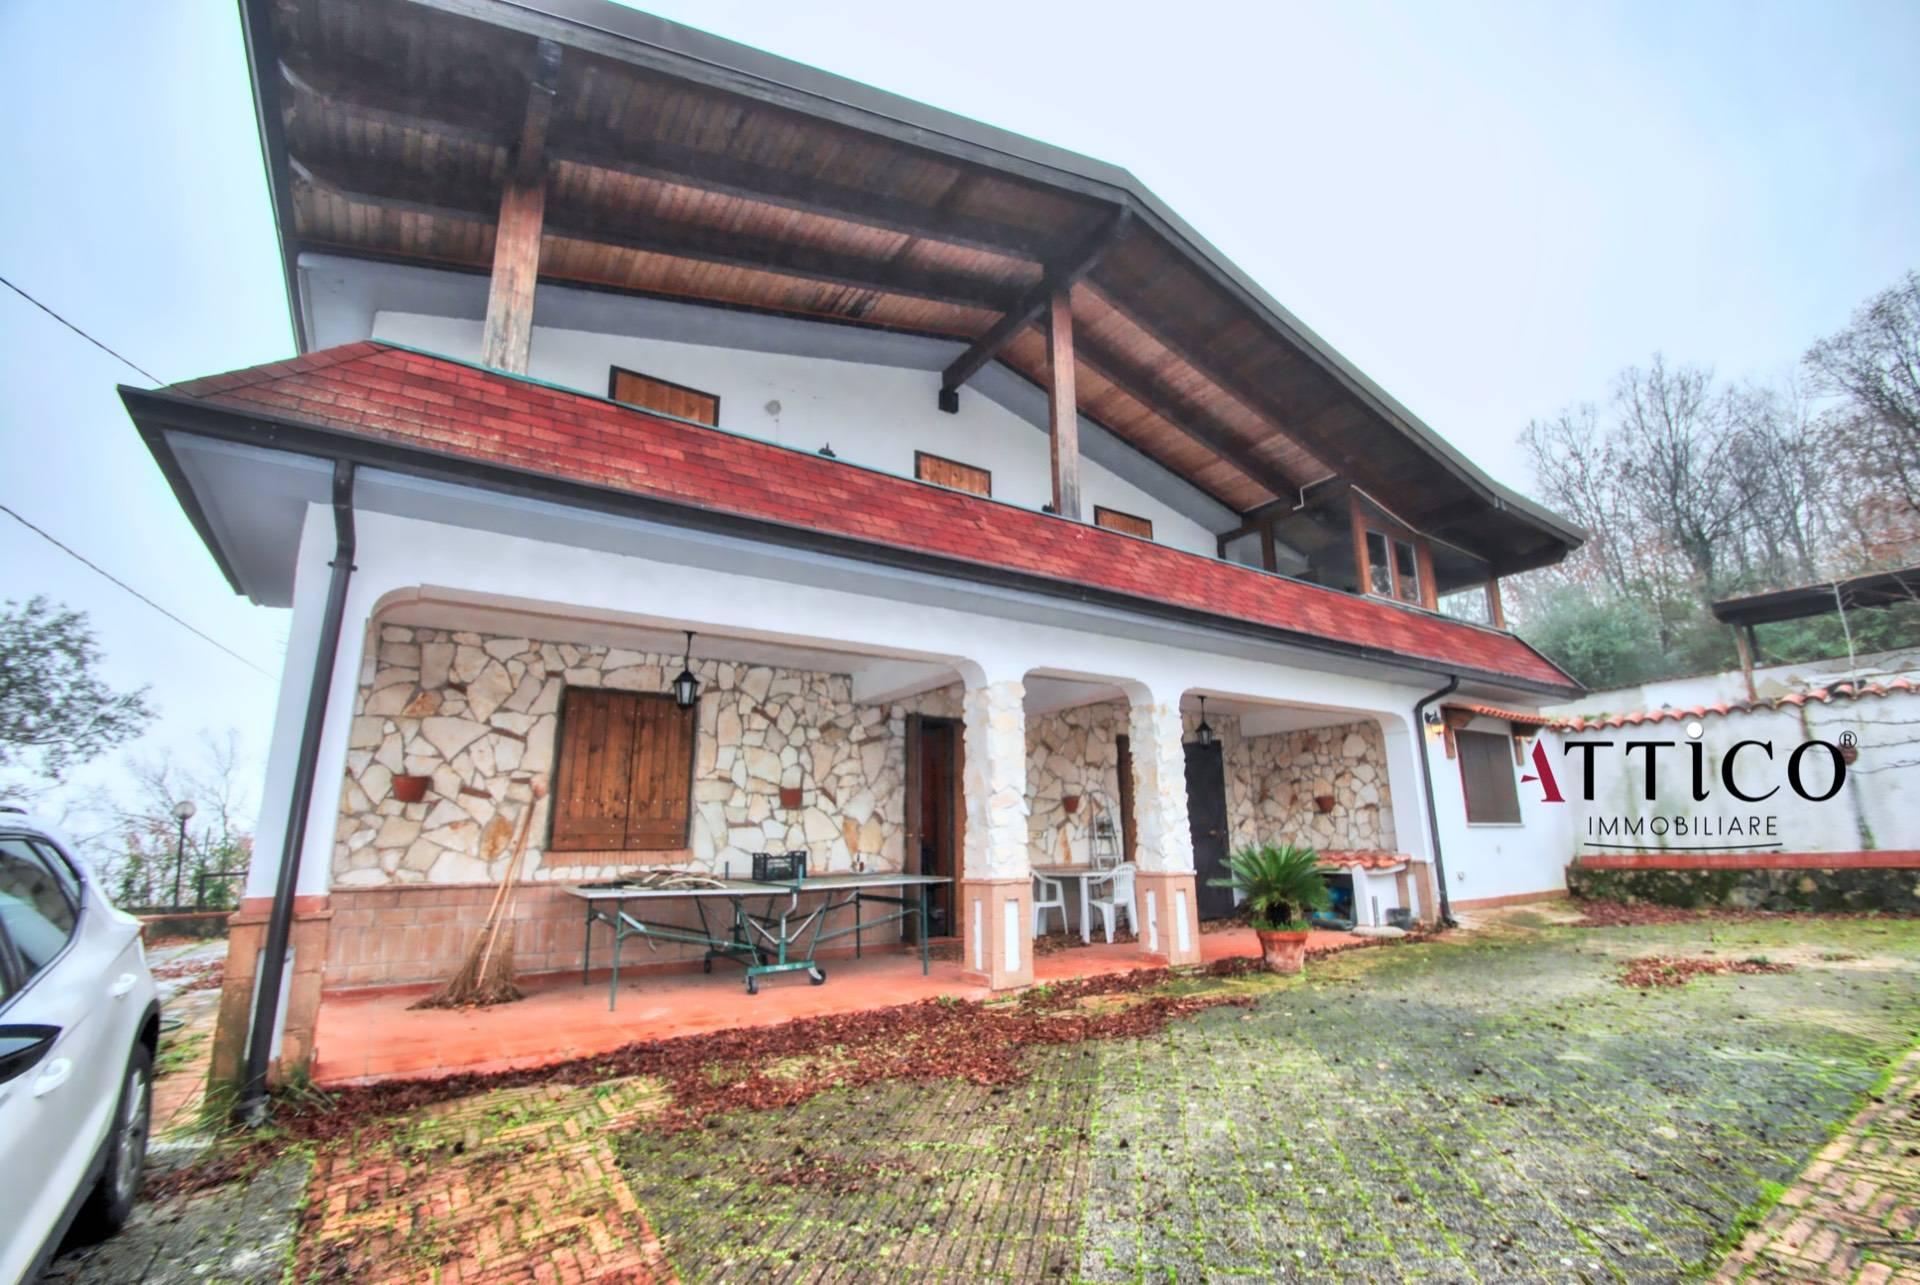 Villa in vendita a Sant'Angelo a Scala, 7 locali, prezzo € 108.000 | CambioCasa.it